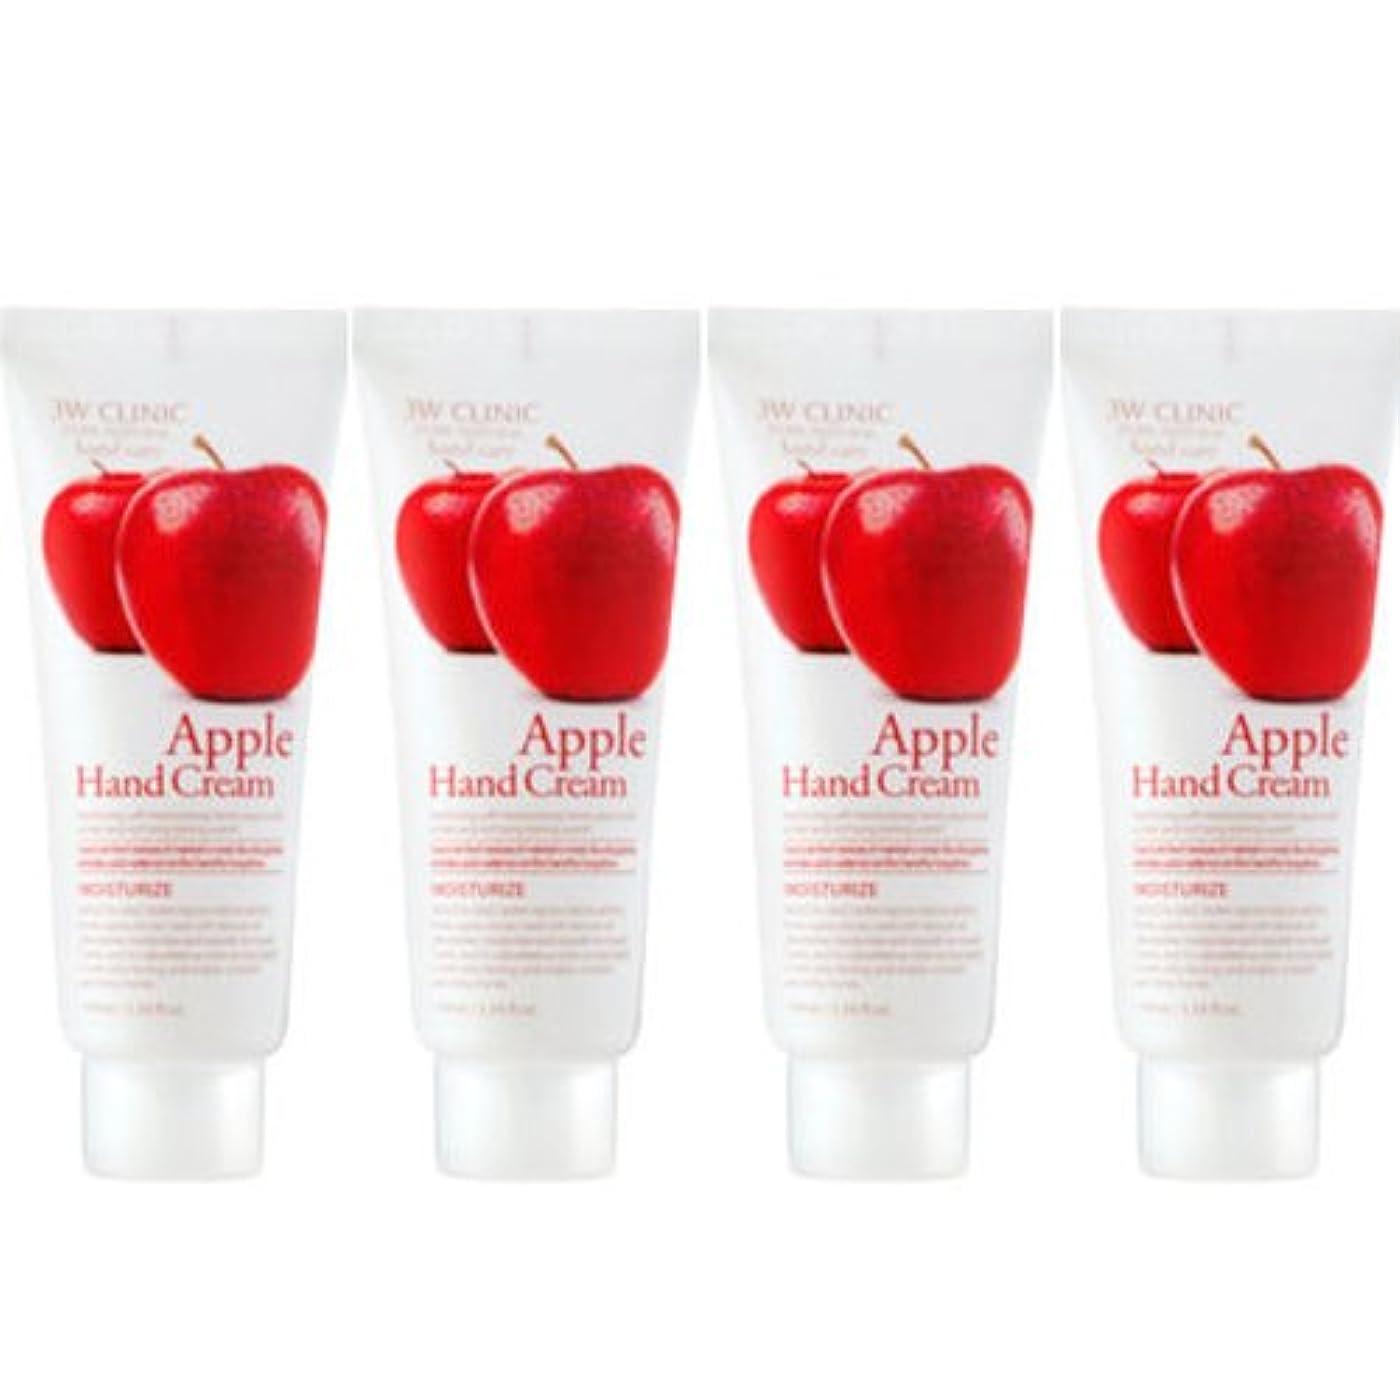 月曜日ソケット不正3w Clinic[韓国コスメARRAHAN]Moisturizing Apple Hand Cream モイスチャーリングリンゴハンドクリーム100mlX4個 [並行輸入品]